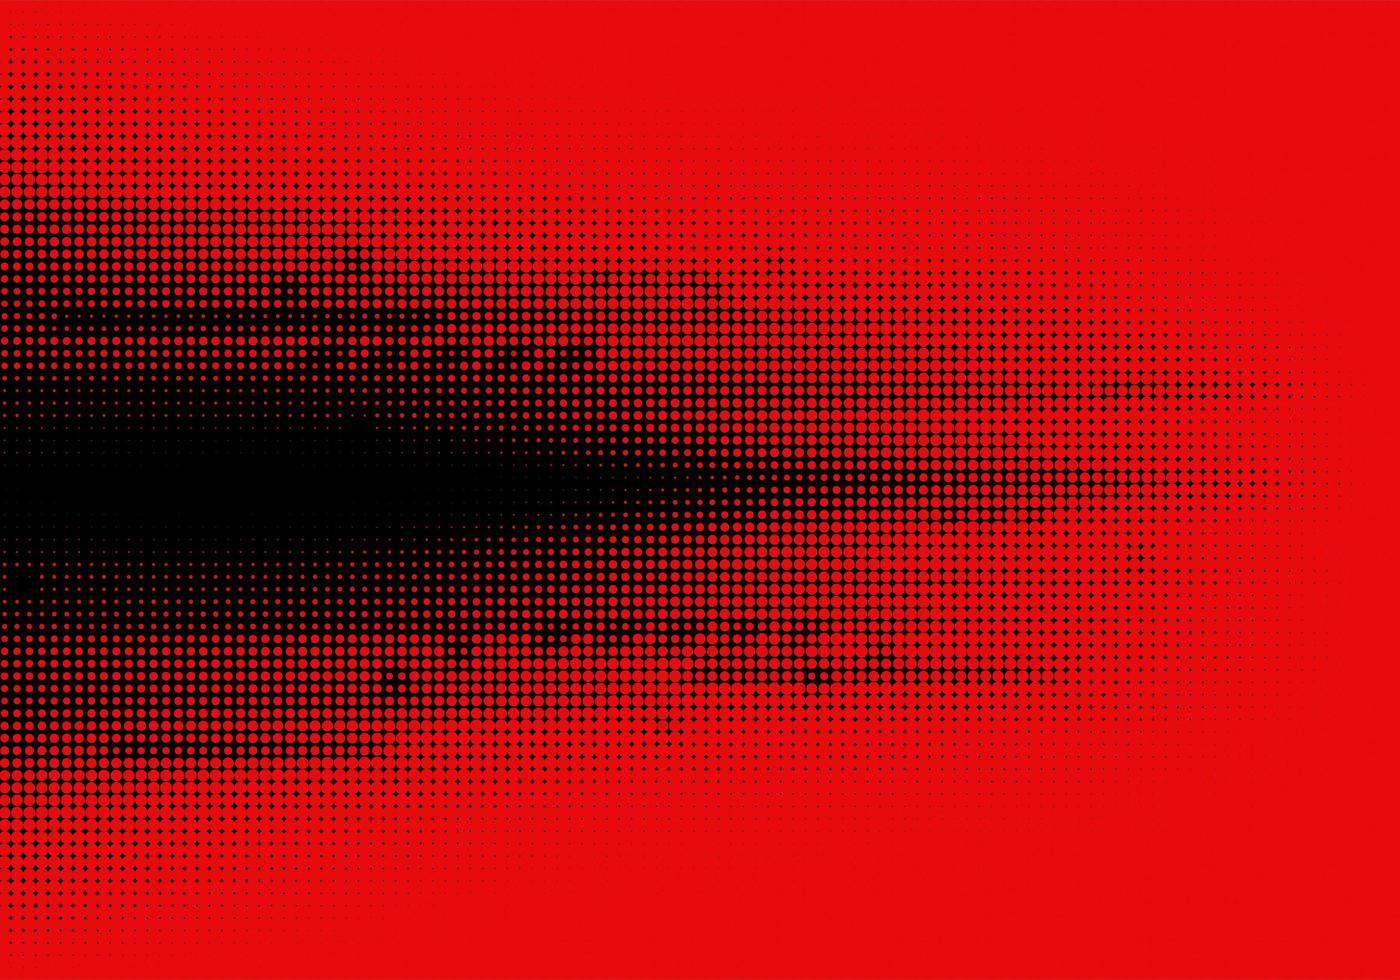 mezzitoni astratto nero su sfondo rosso vettore